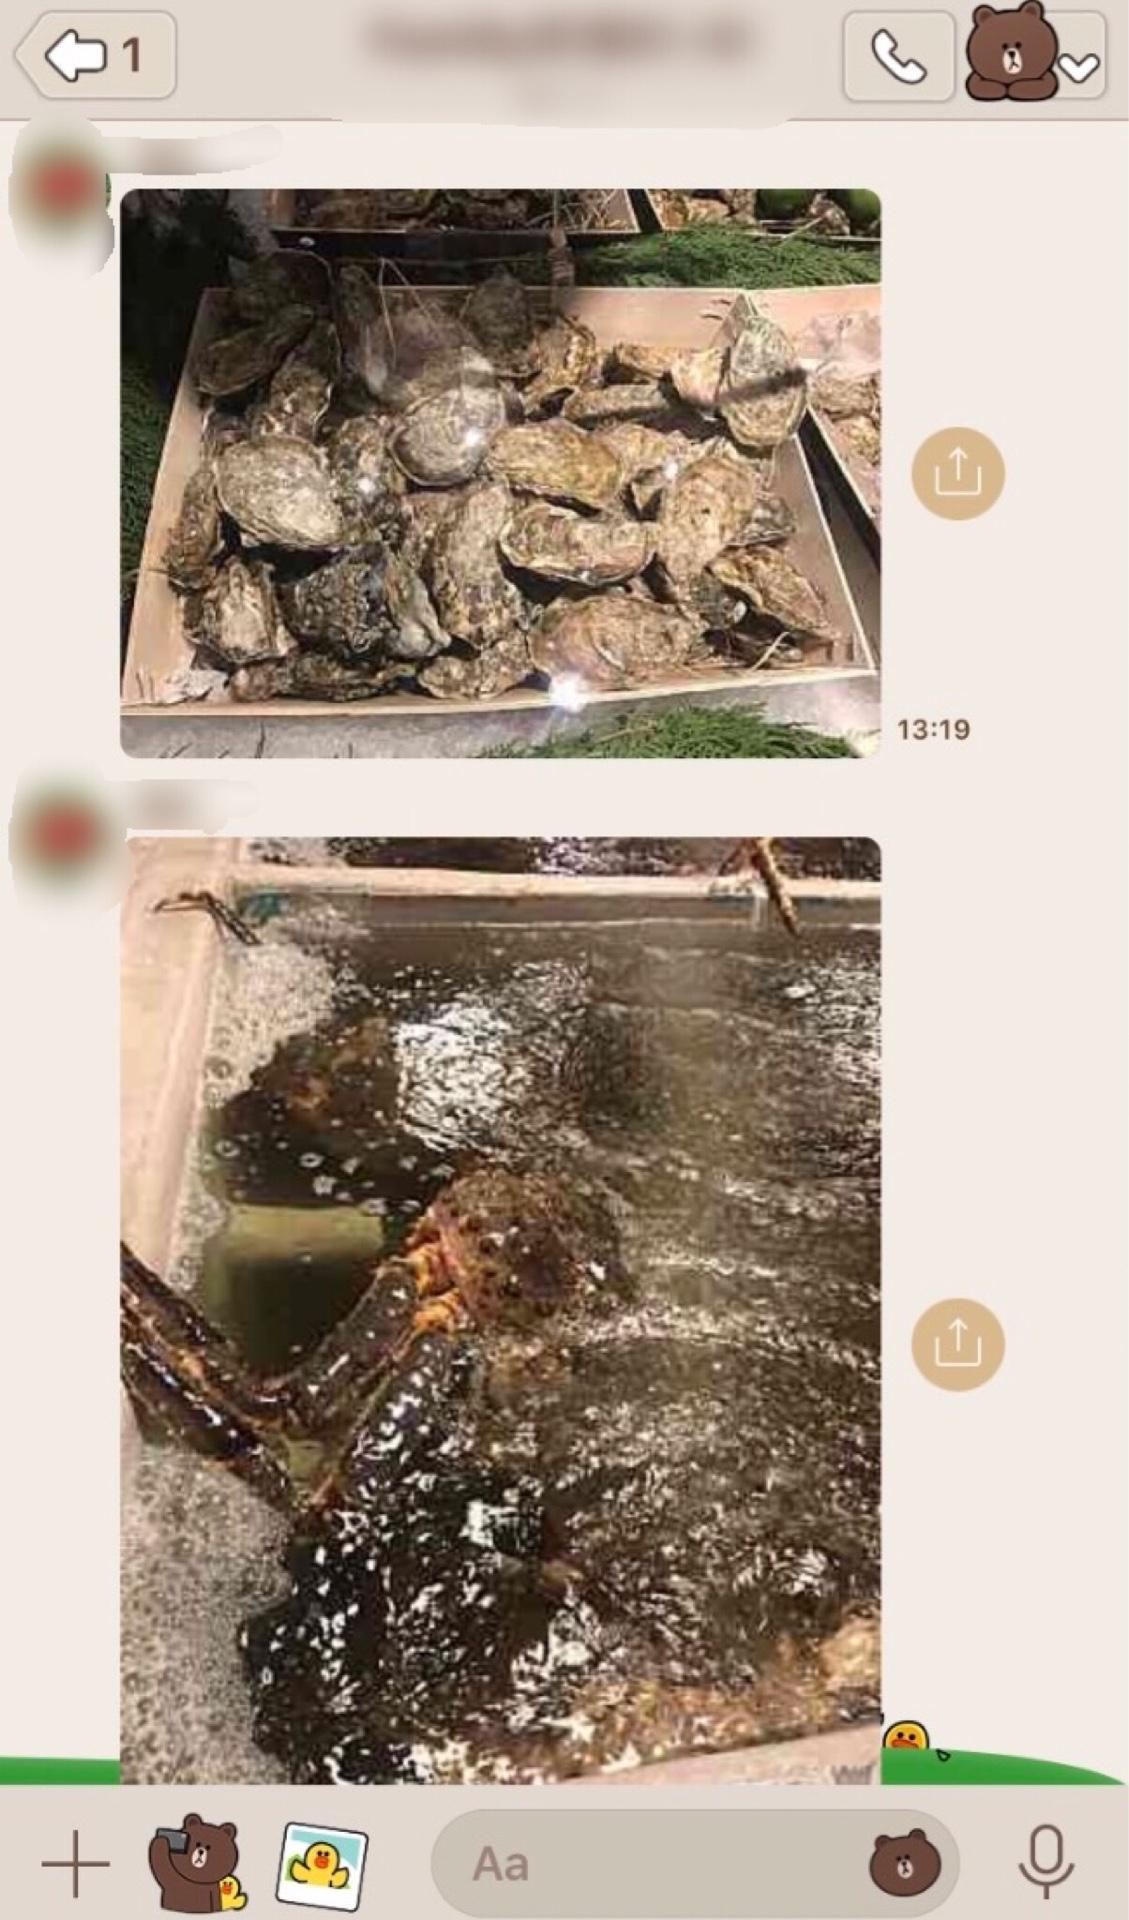 媽媽開心說要用帝王蟹與生蠔兩樣好料加菜。圖/翻攝自Dcard